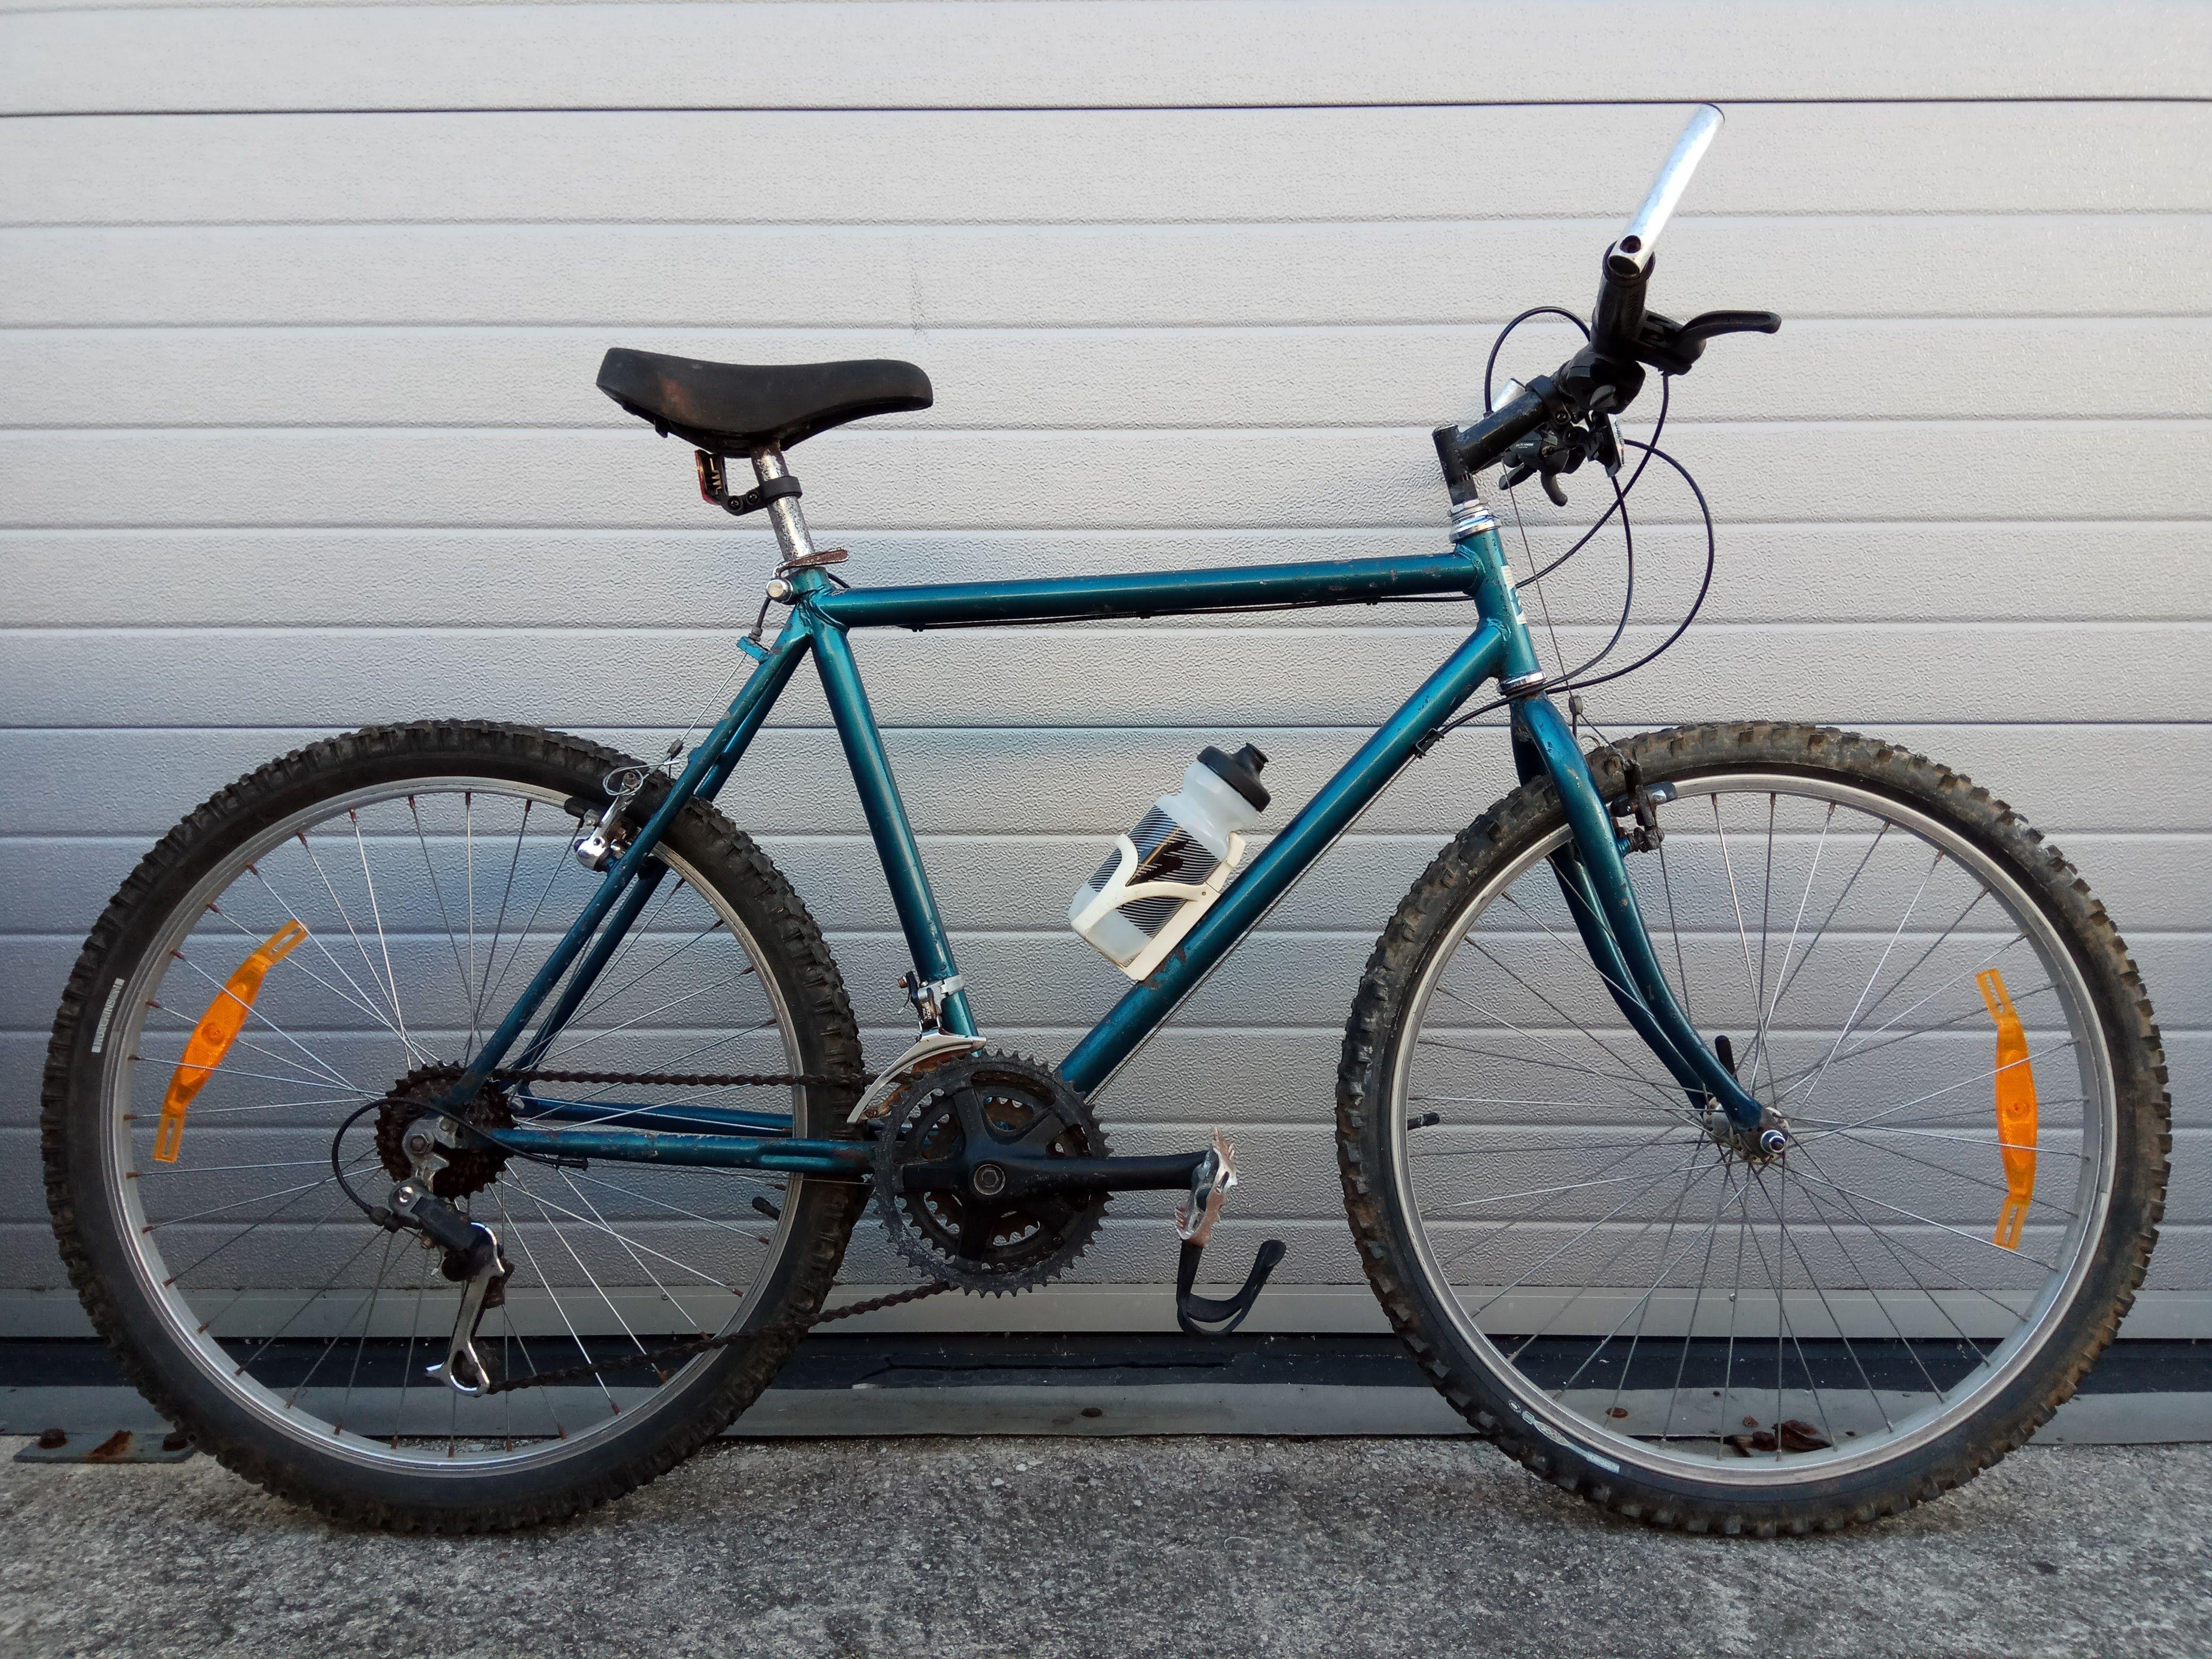 Bici Bh Fonfria Lista para Rodar 75€ MARCA: Bh MODELO: Fonfria CLASE ...